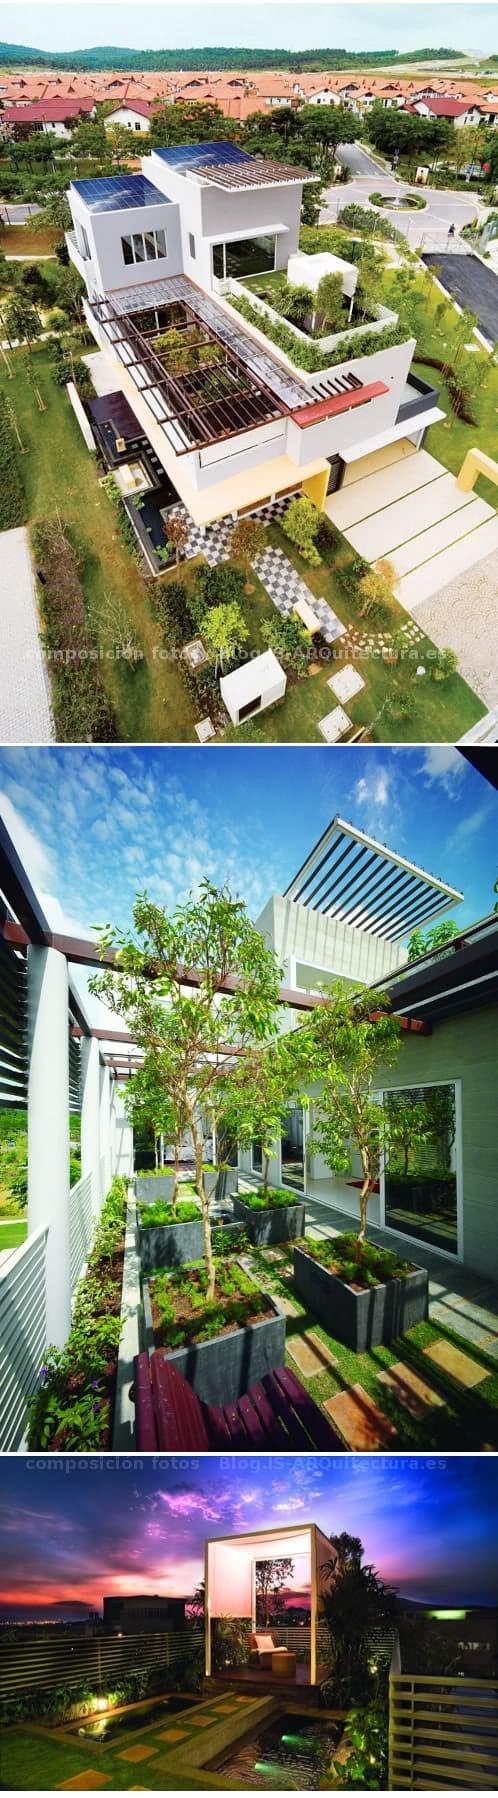 casa con terrazas ajardinadas y estanque de agua